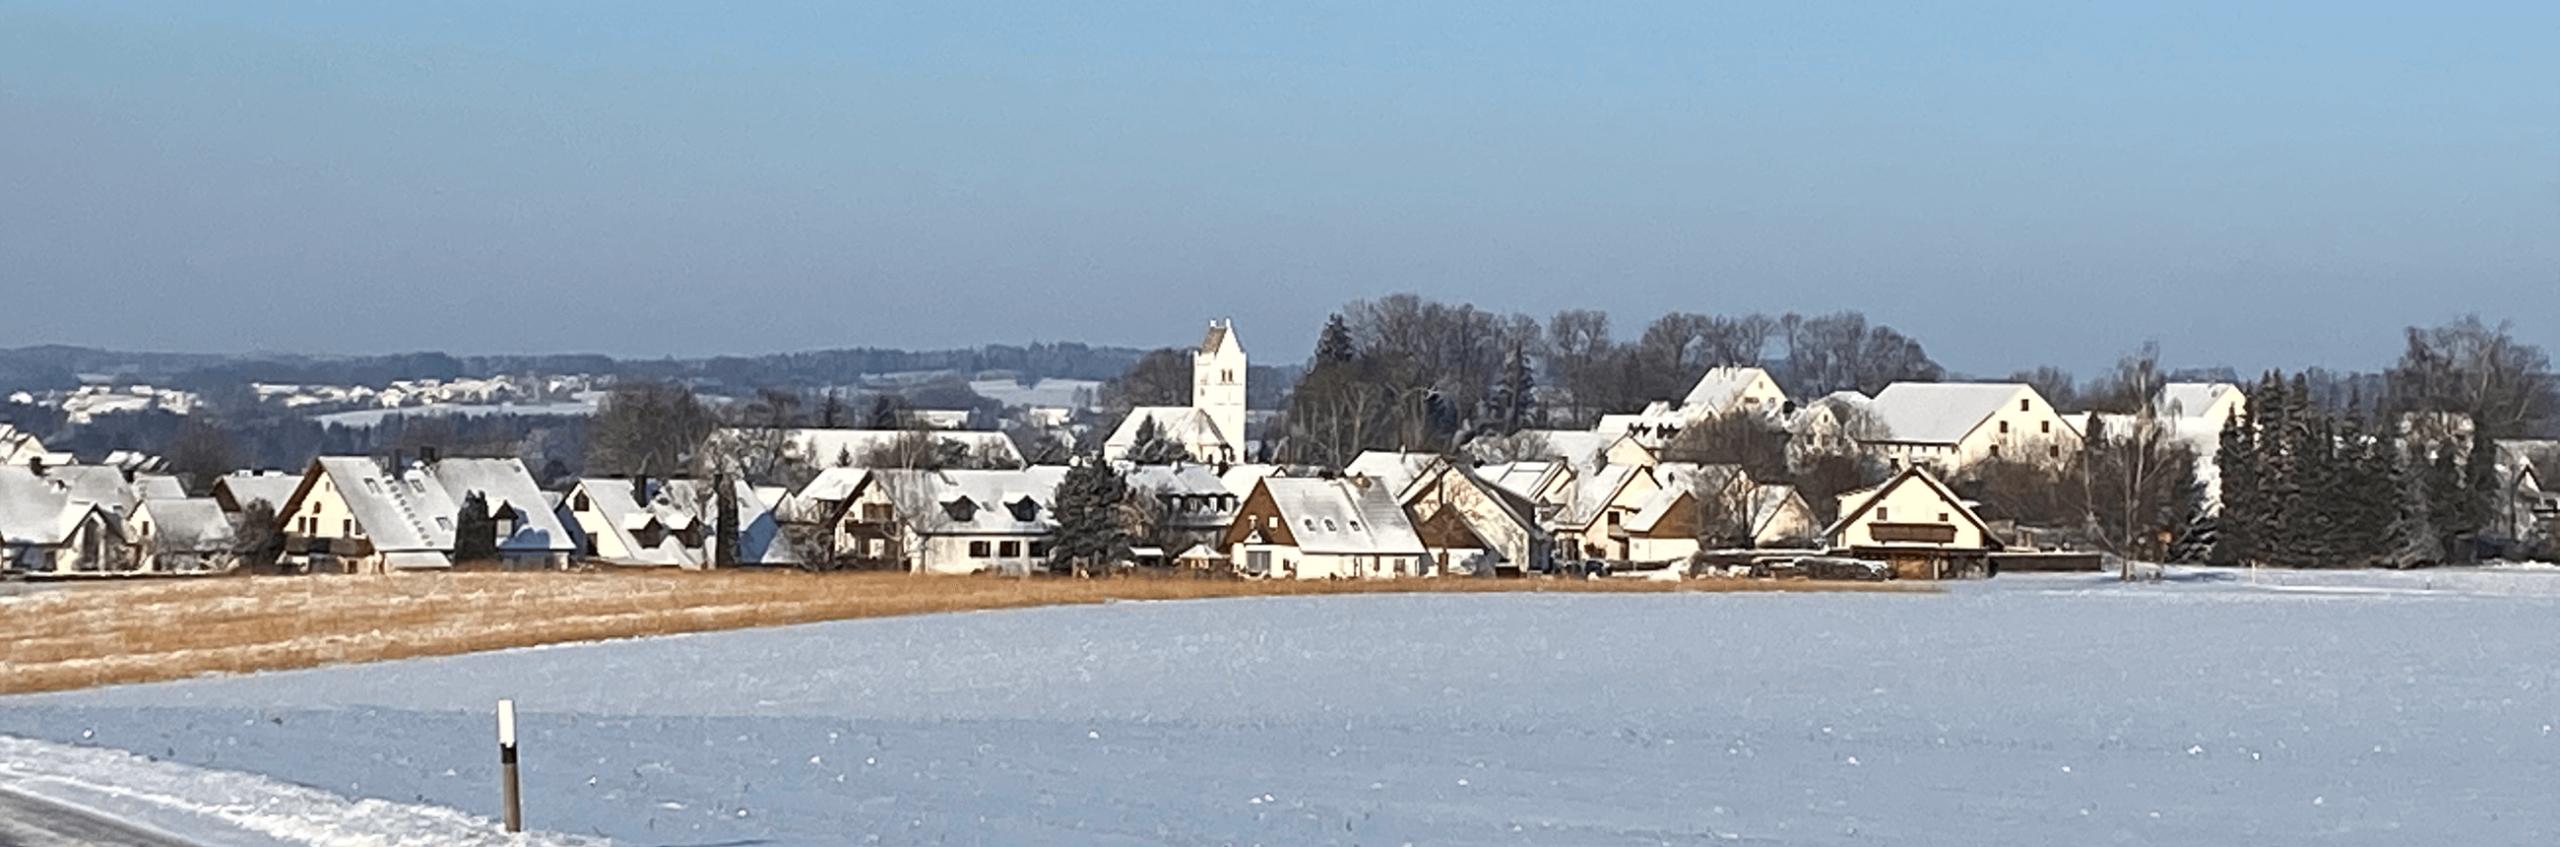 Region Dachau - Regional Magazin Dachau